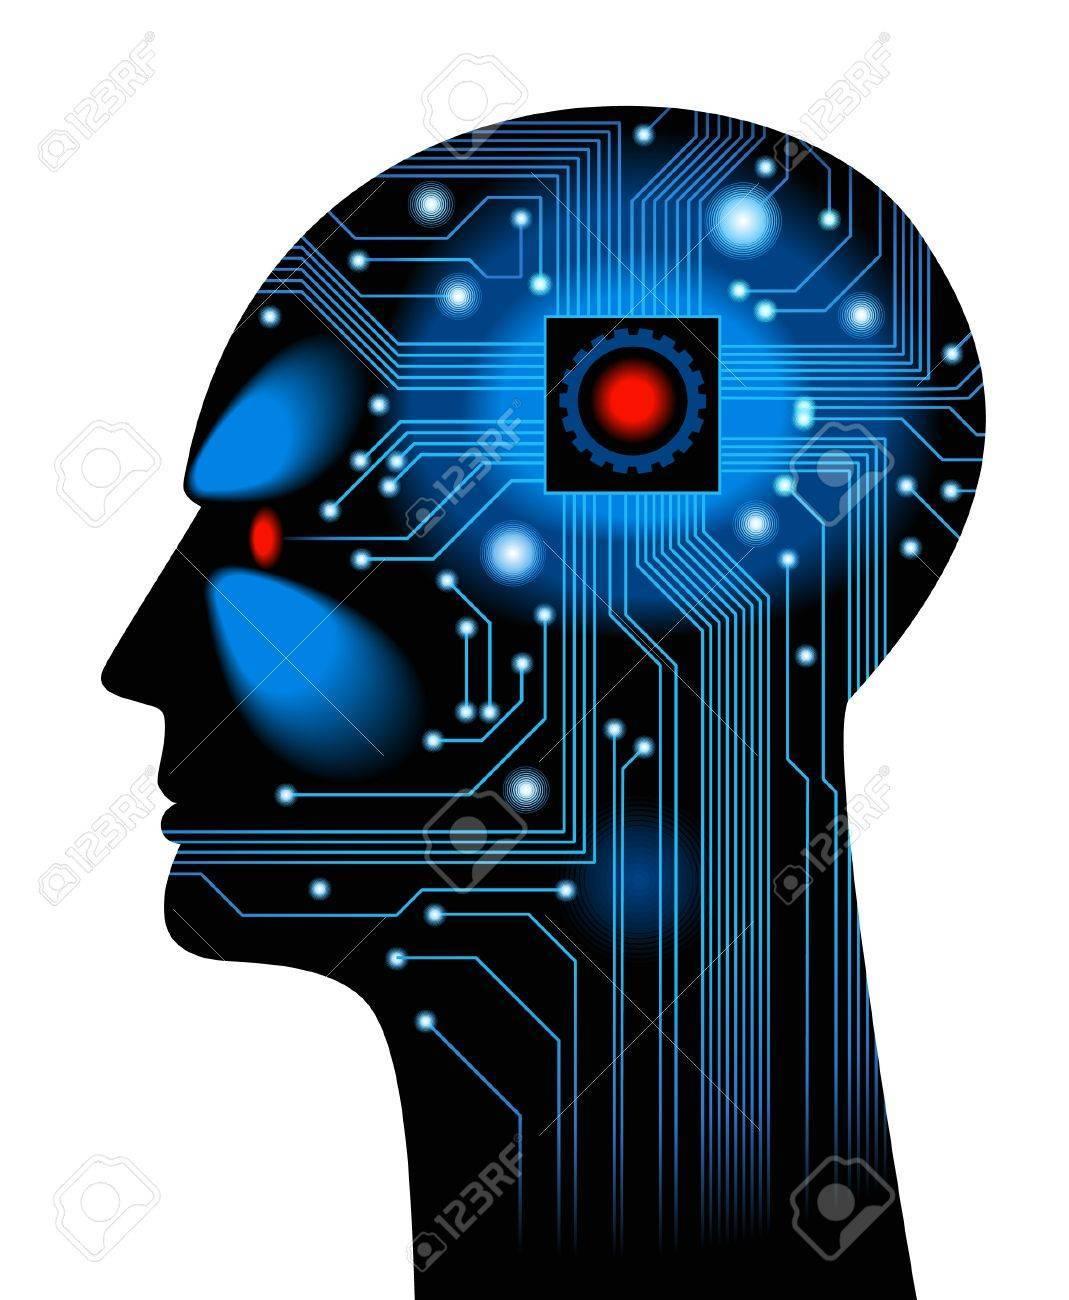 新幸福論・Tech2050・1_c0075701_05374821.jpg